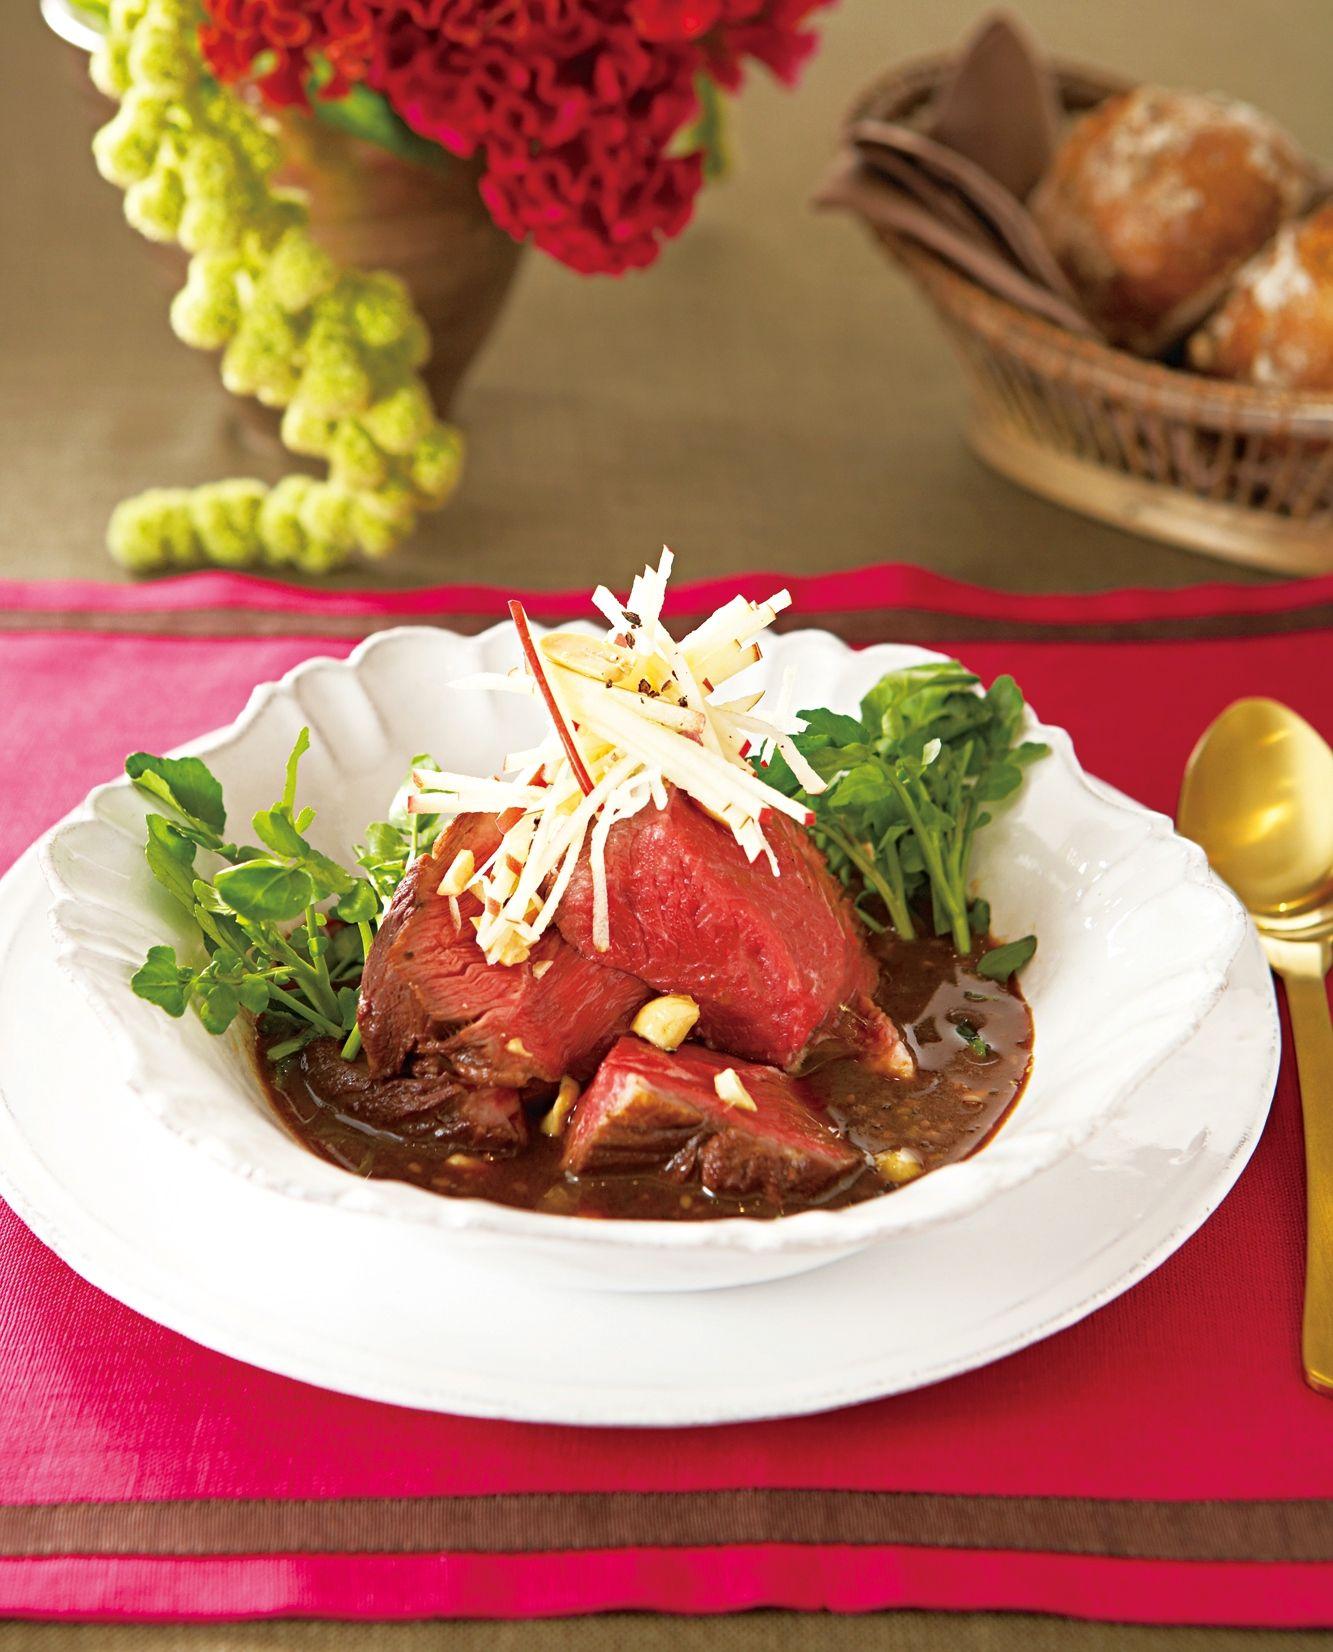 アメリカン・ビーフ 焼き肉のたれ煮 リンゴとナッツのトッピング